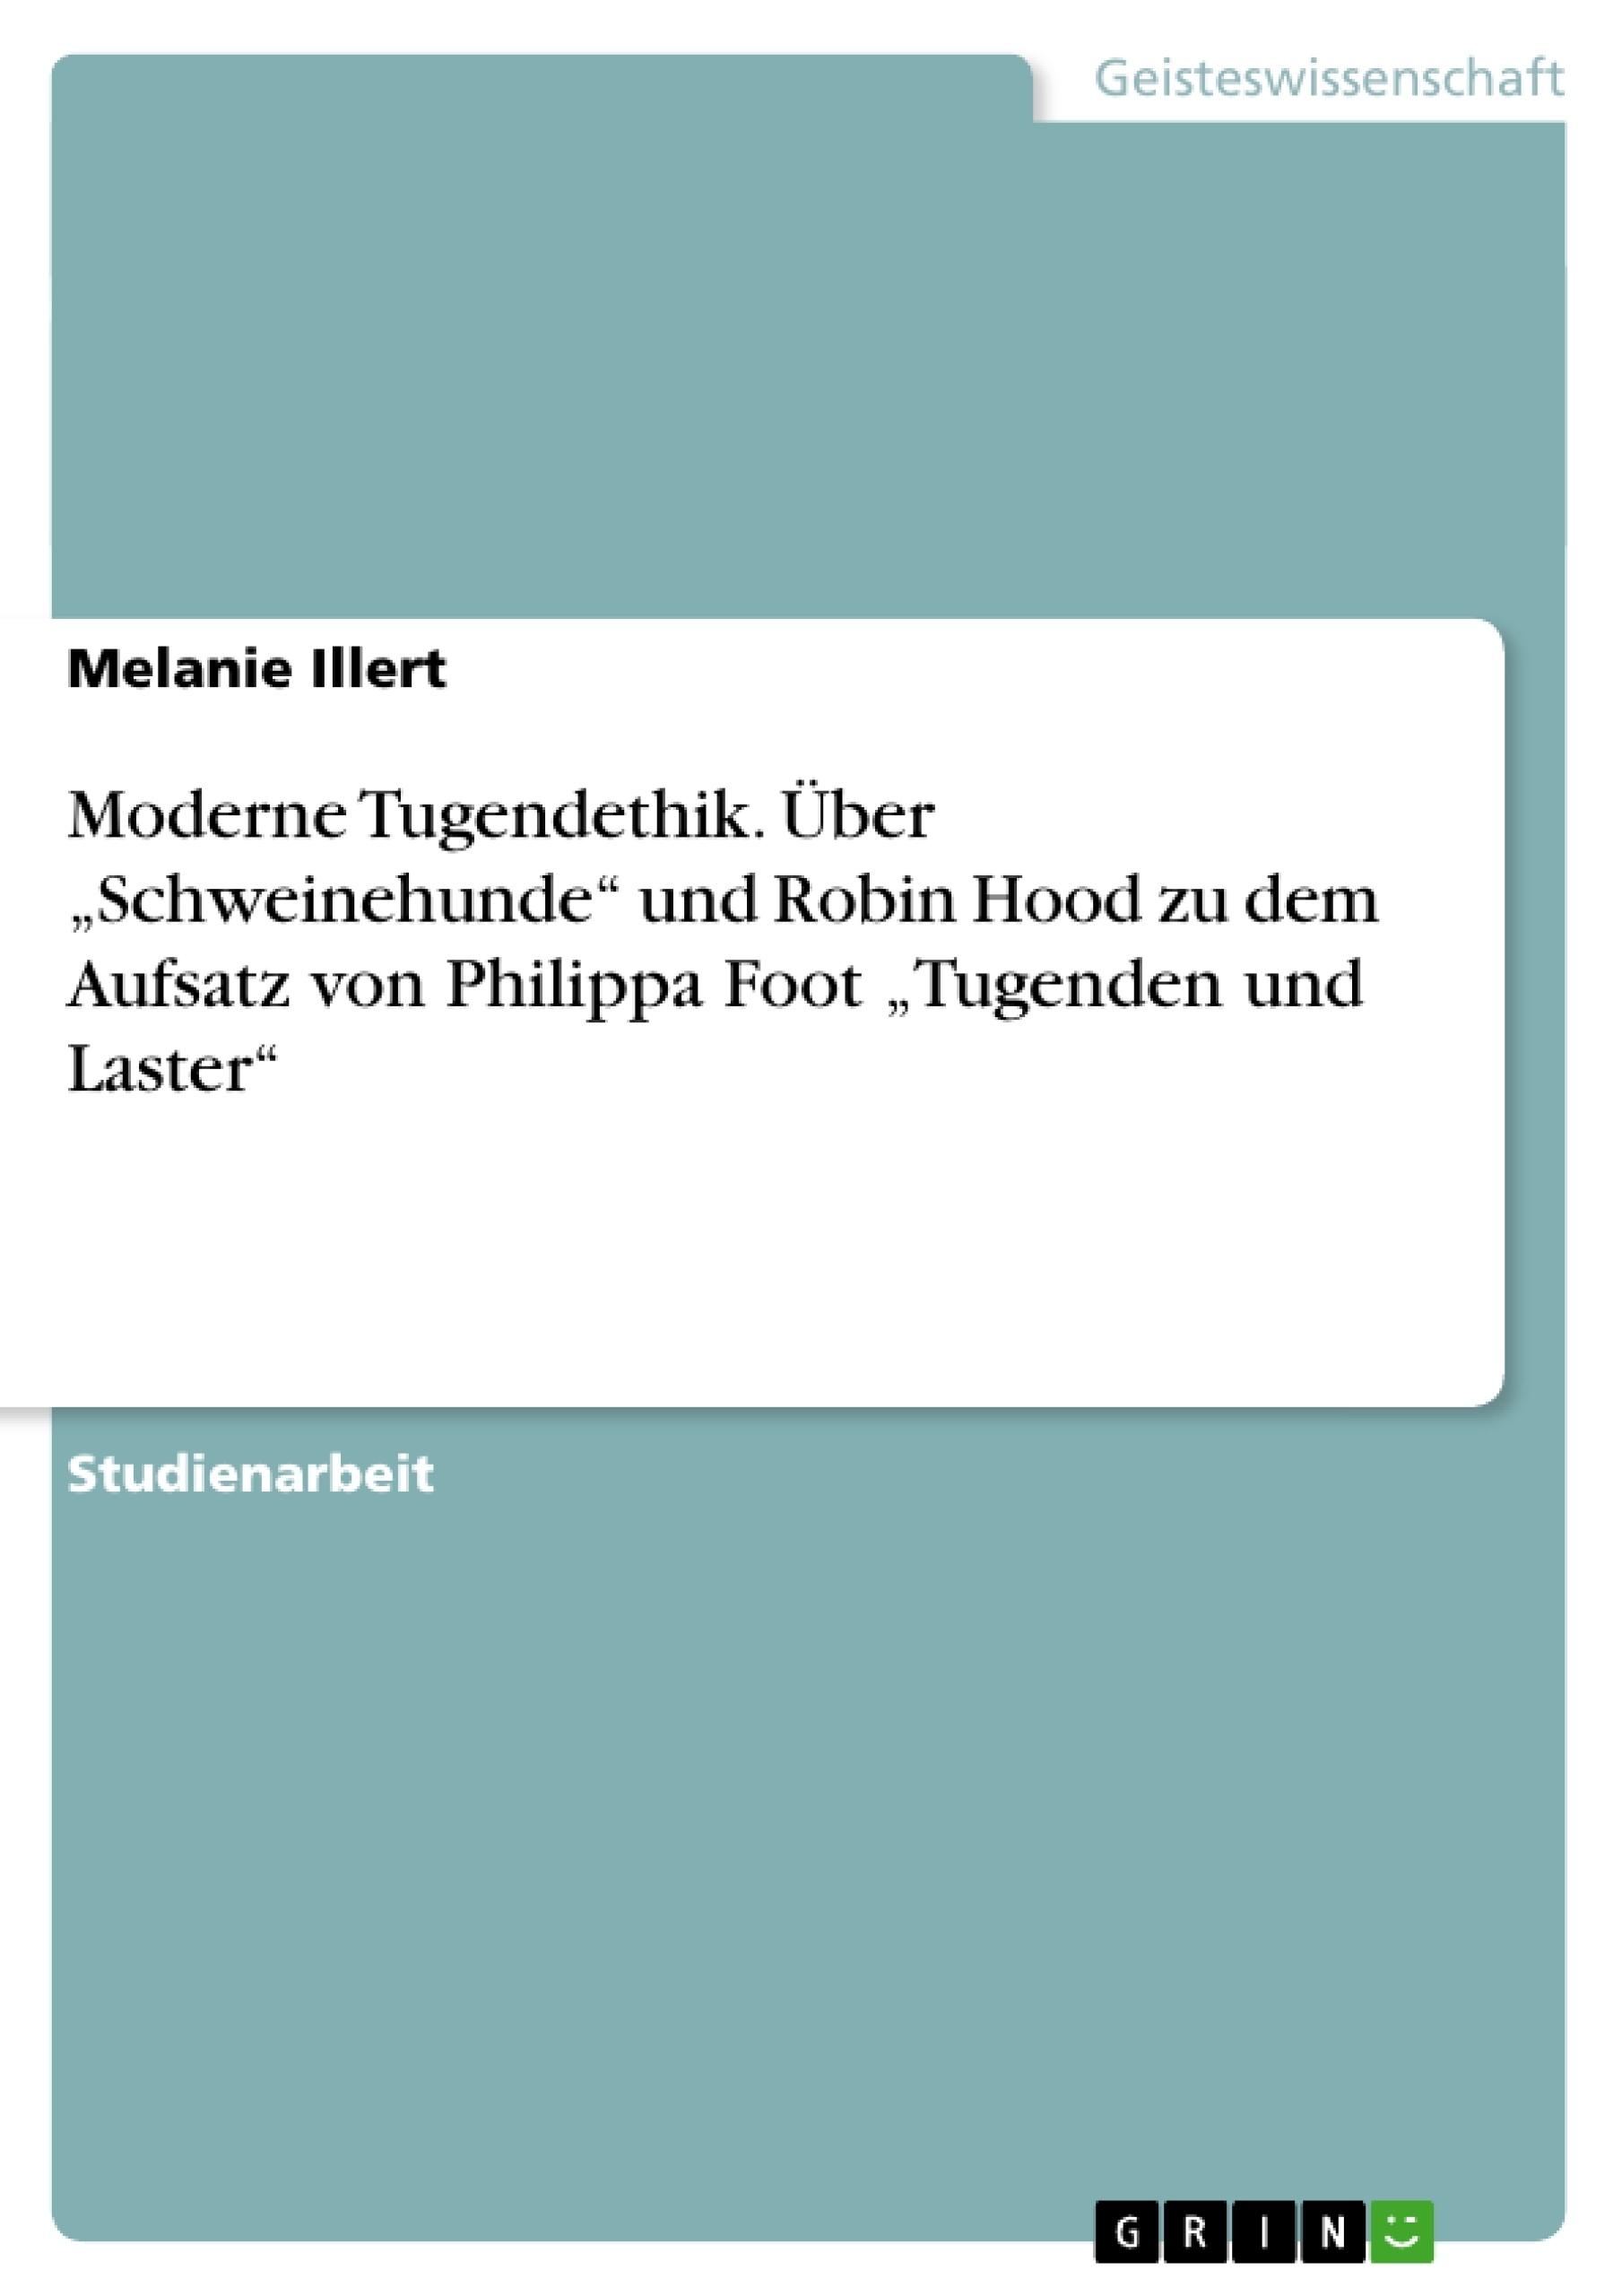 """Titel: Moderne Tugendethik. Über """"Schweinehunde"""" und Robin Hood zu dem Aufsatz von Philippa Foot """"Tugenden und Laster"""""""